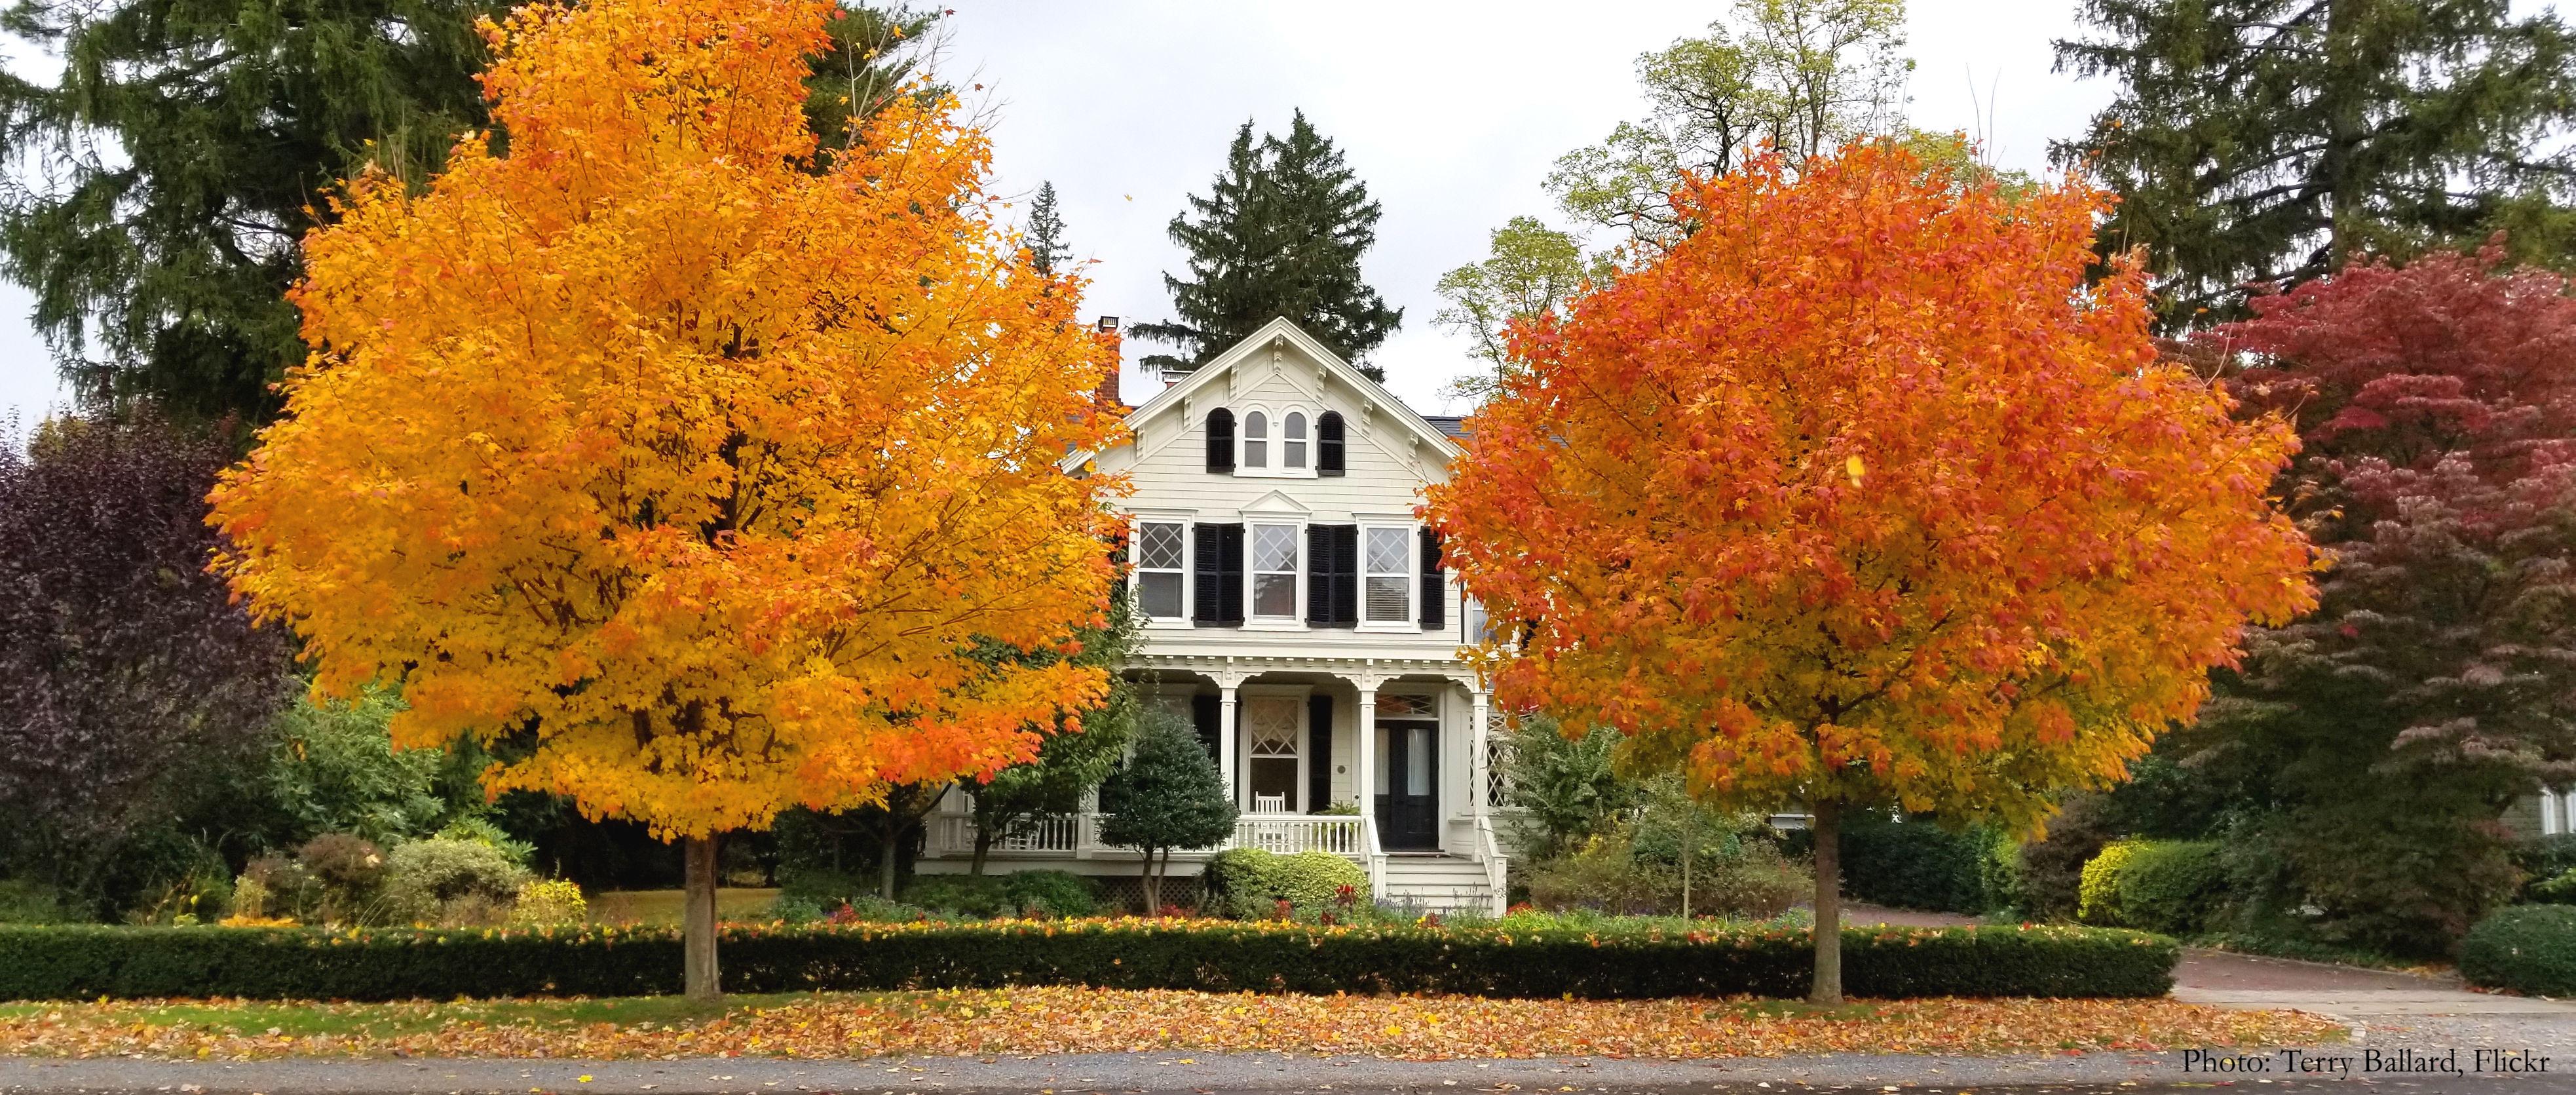 Maison à l'automne avec arbres à feuilles orange.